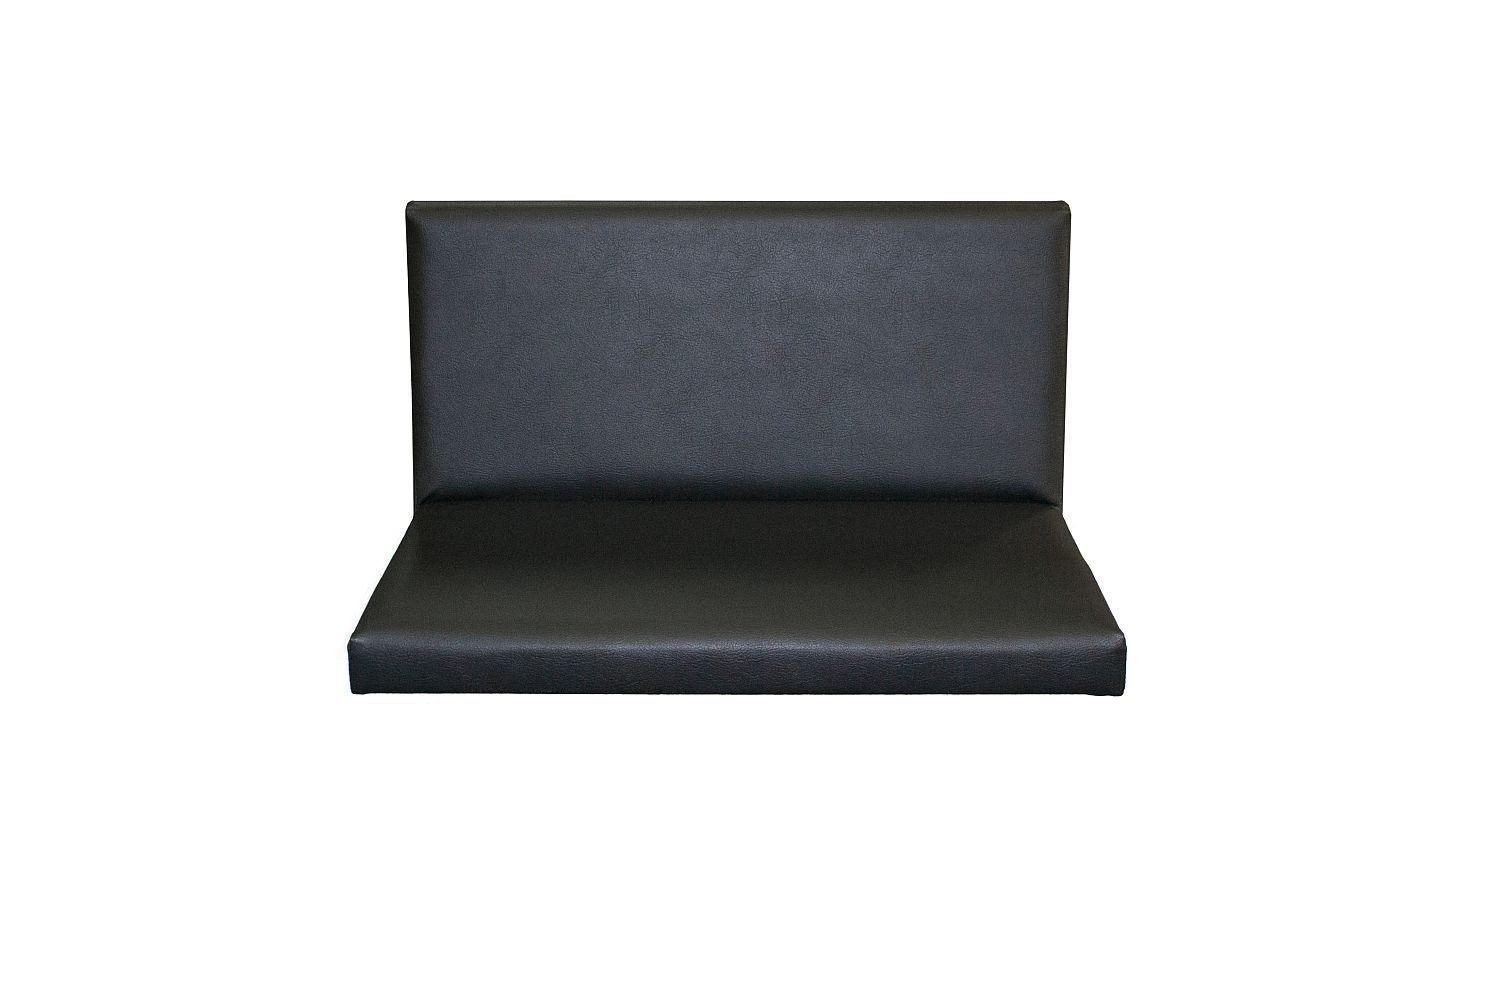 kissen mit r ckenlehne kissen bankkissen sitzkissen klemmkissen neu ebay. Black Bedroom Furniture Sets. Home Design Ideas